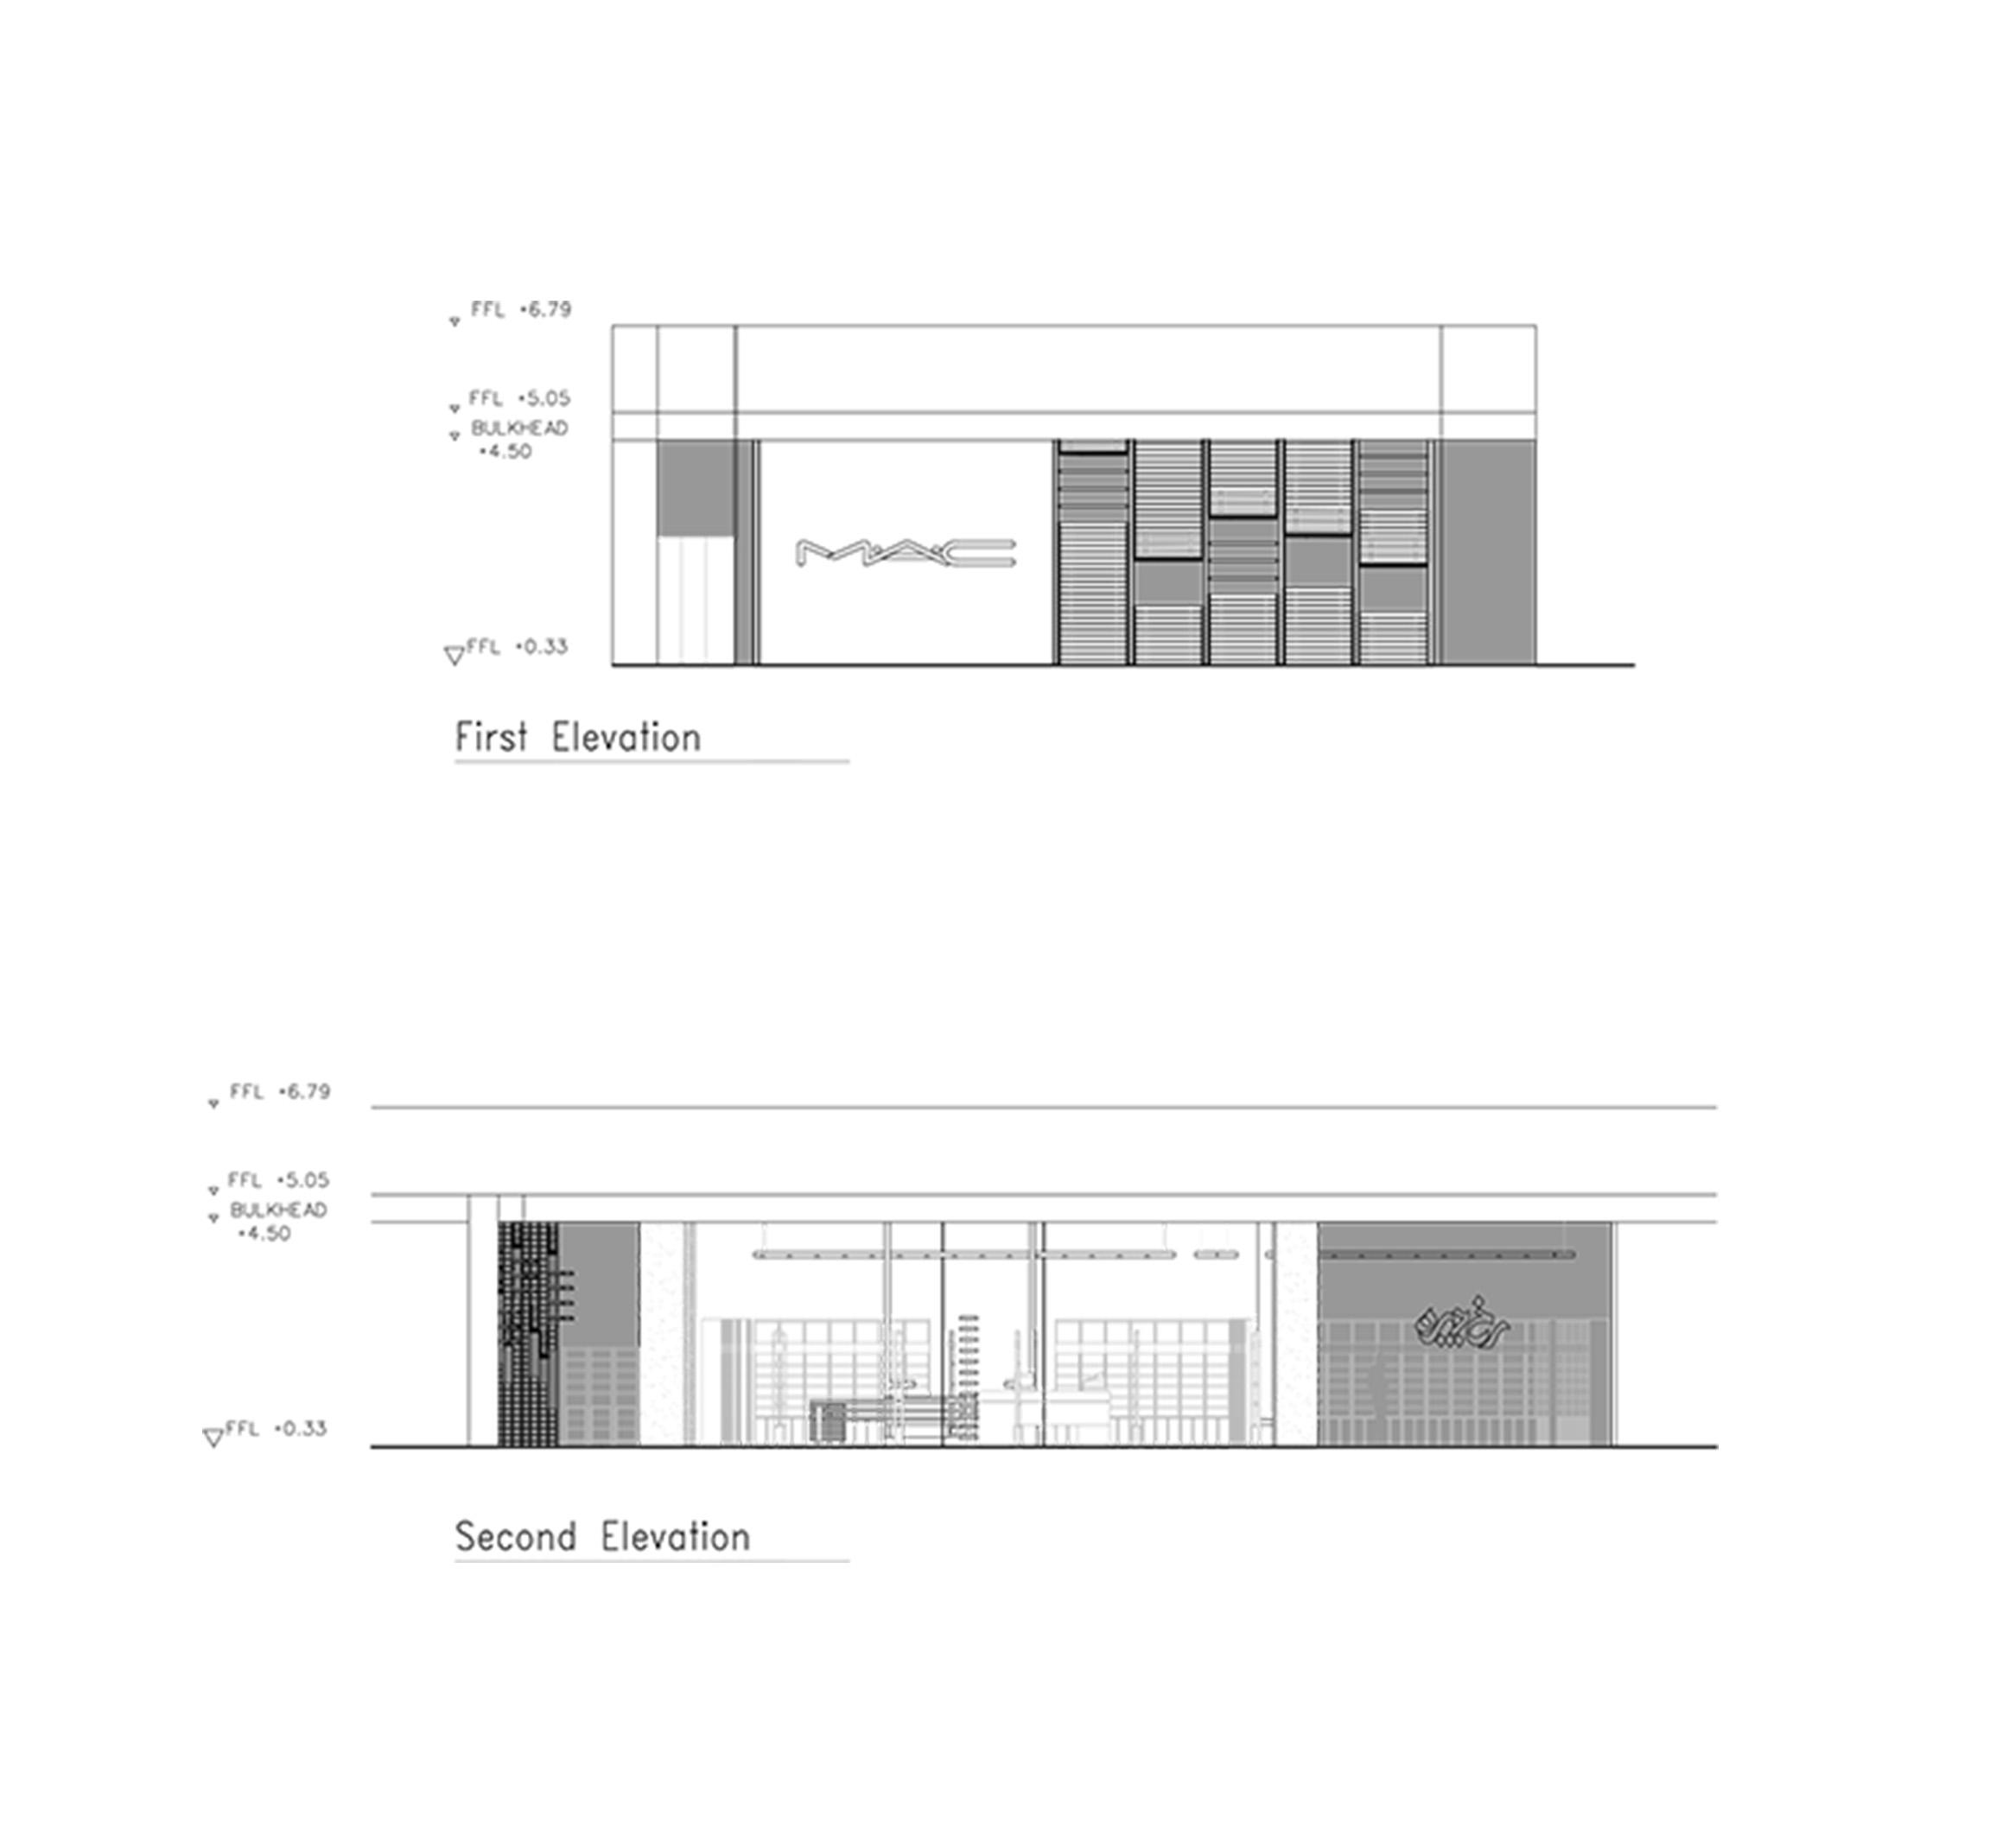 Rokhchehreh Shop(interior)